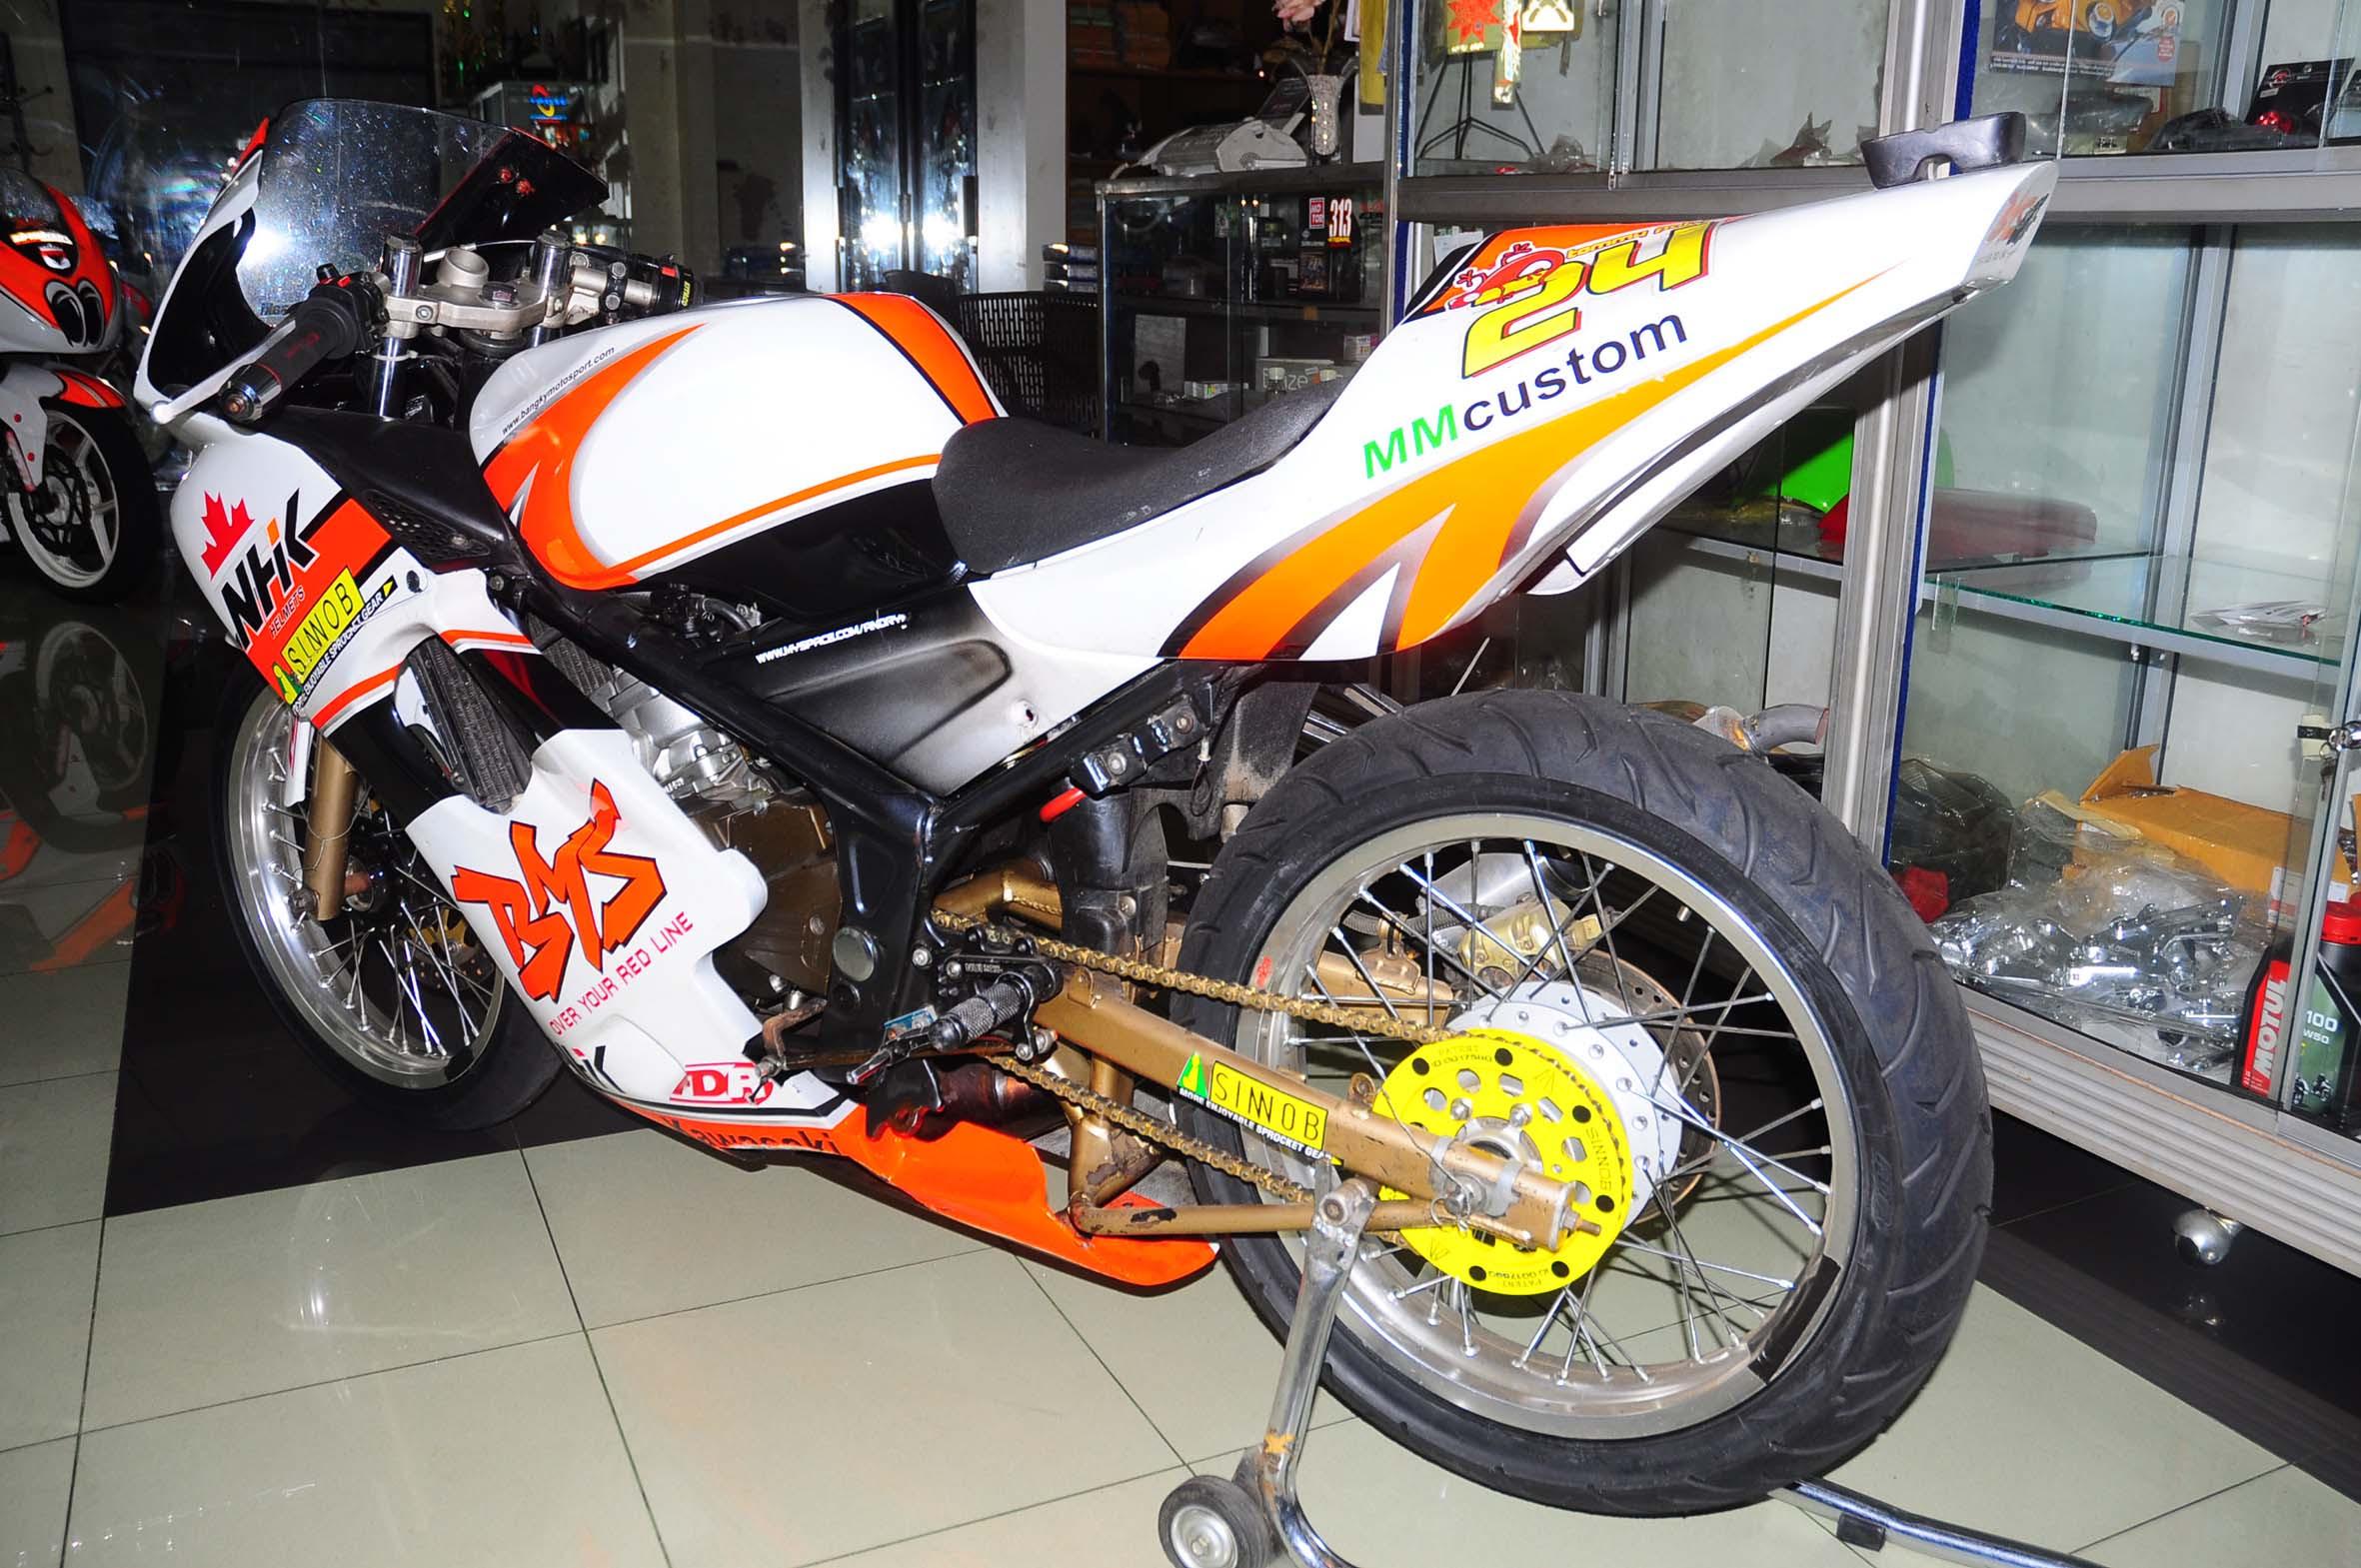 Koleksi Foto Modifikasi Motor Kawasaki Ninja 150 Rr Terlengkap